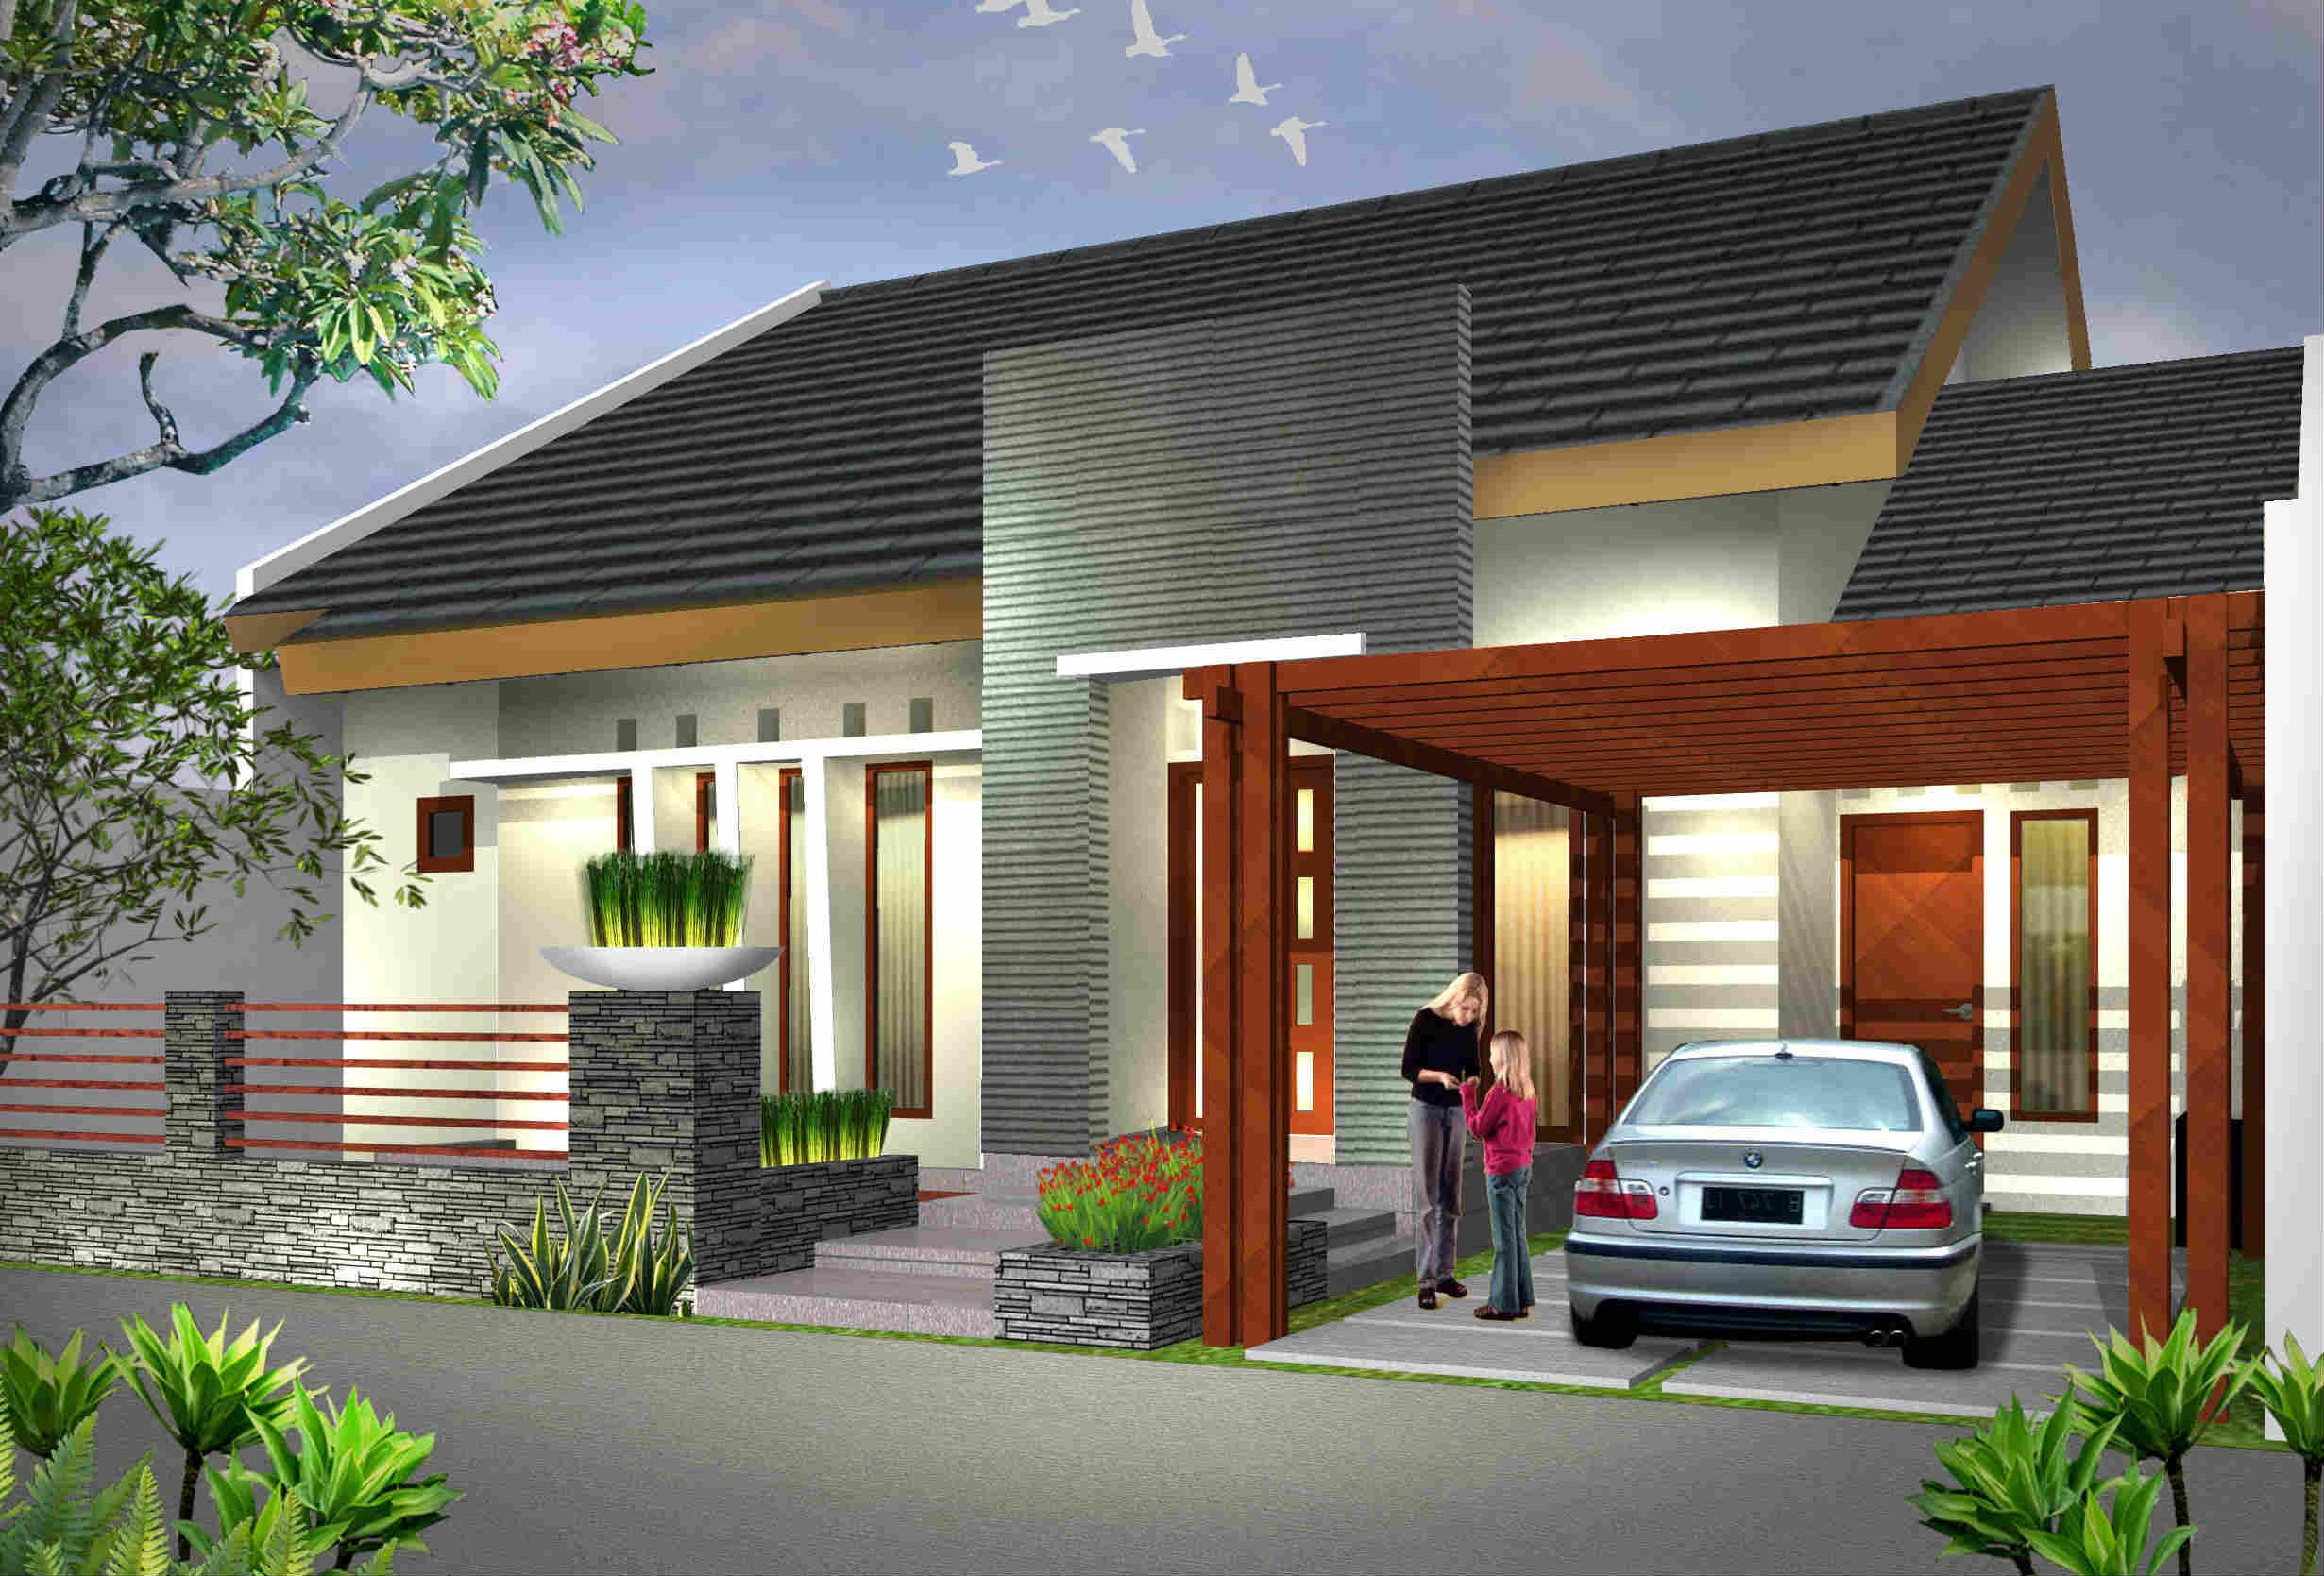 Real Estate Blog Rumah Minimalis Tips Properti Dijual Dan